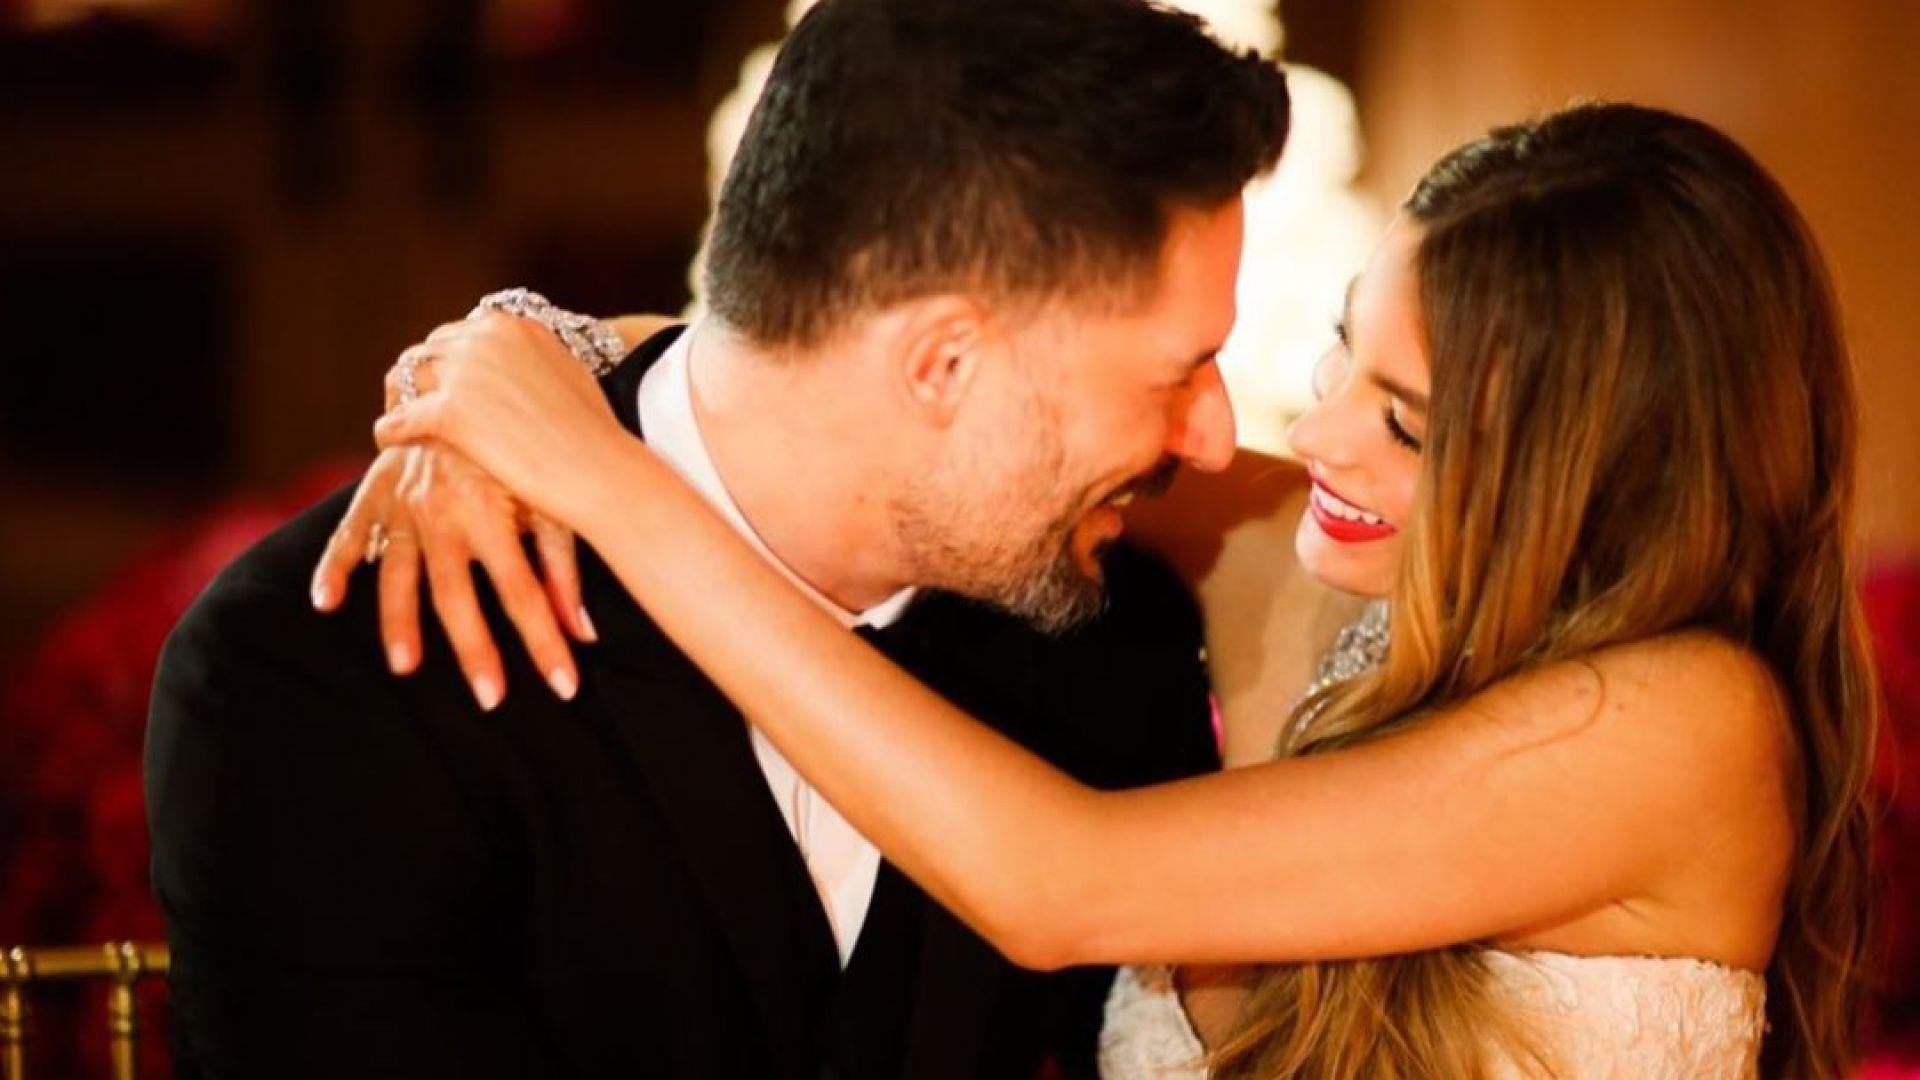 София Вергара и Джо Манганиело по-влюбени от всякога след 4 години брак